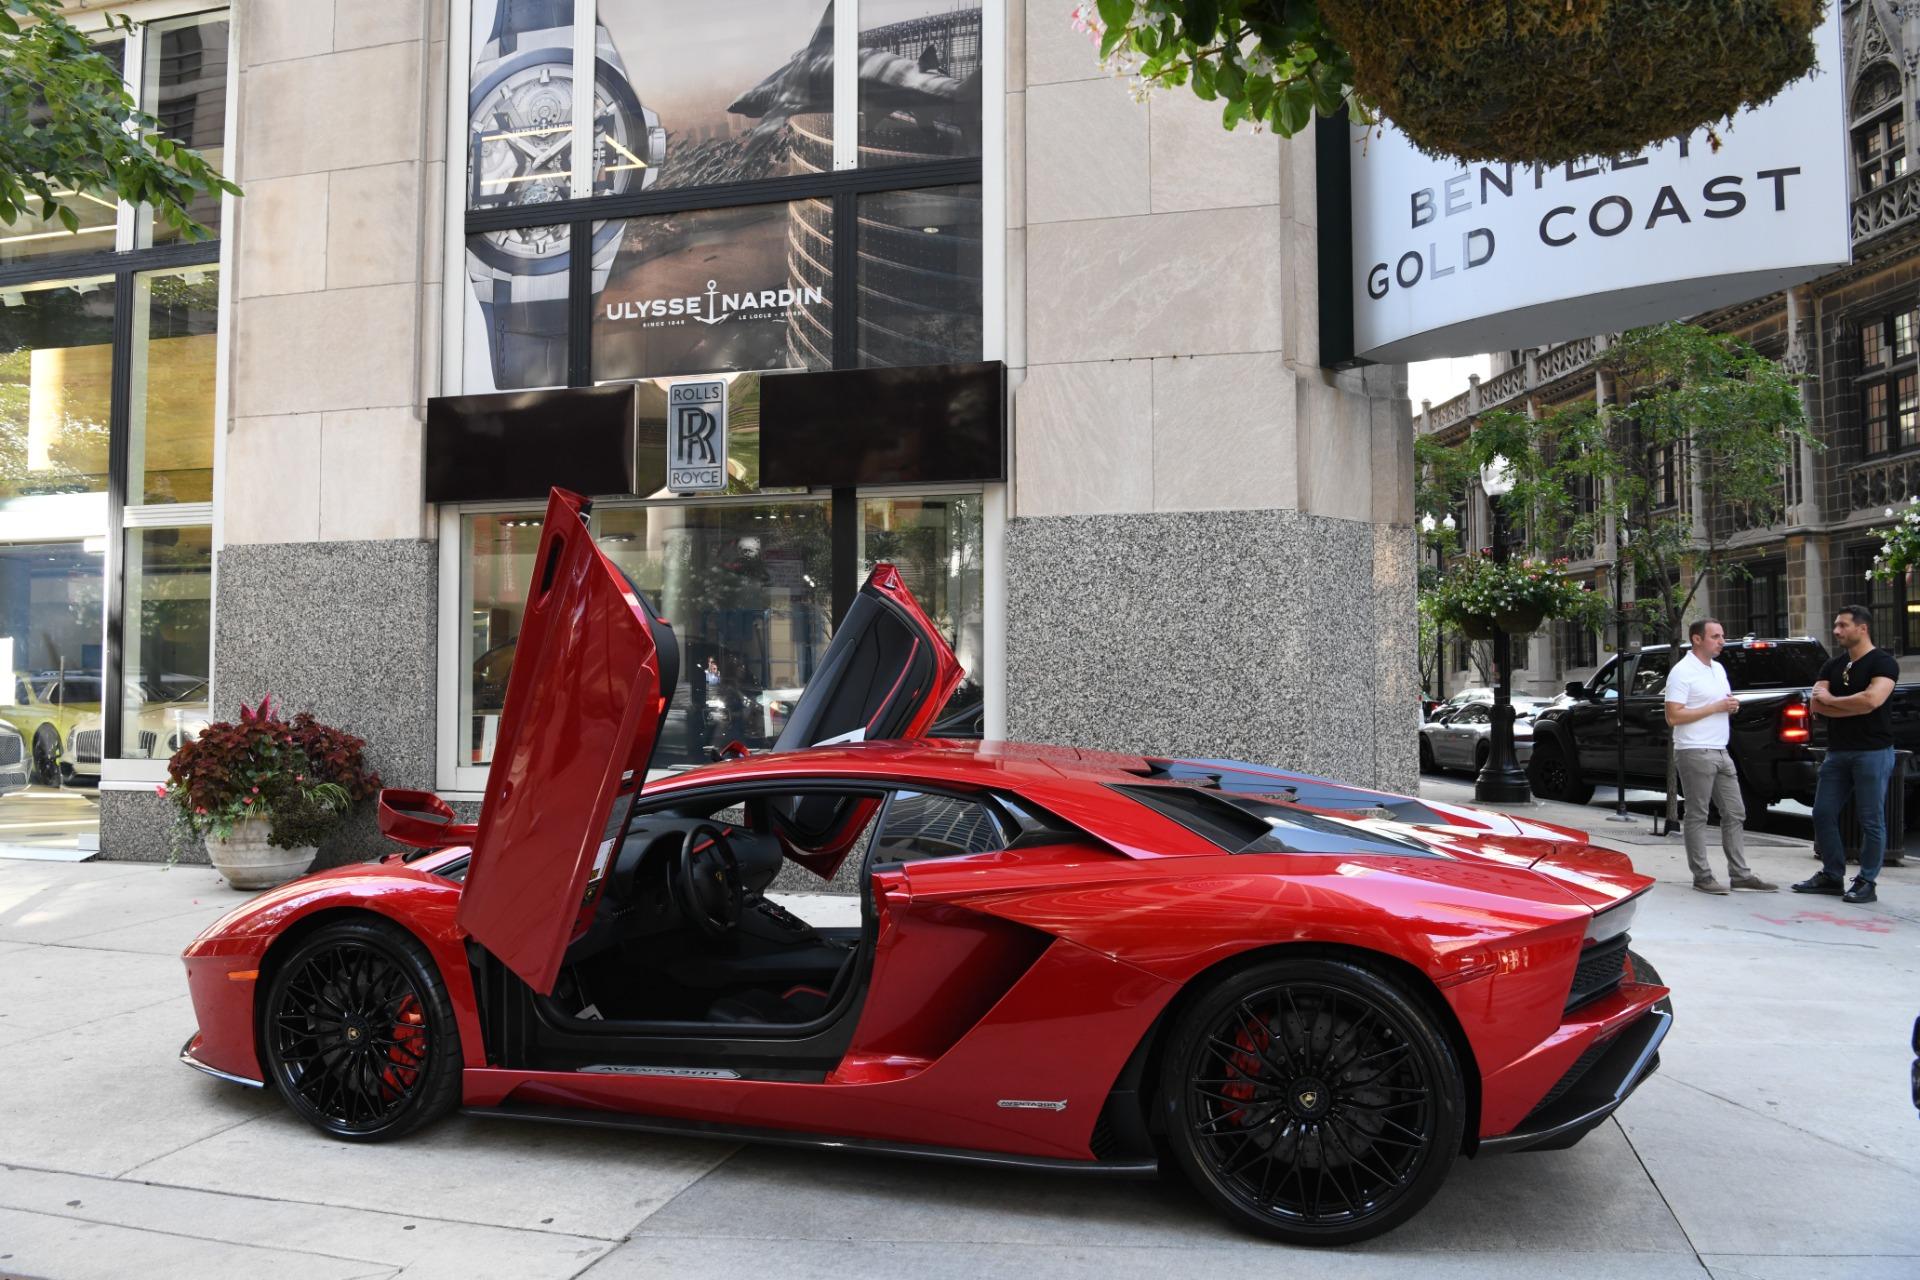 Used 2018 Lamborghini Aventador LP 740-4 S | Chicago, IL